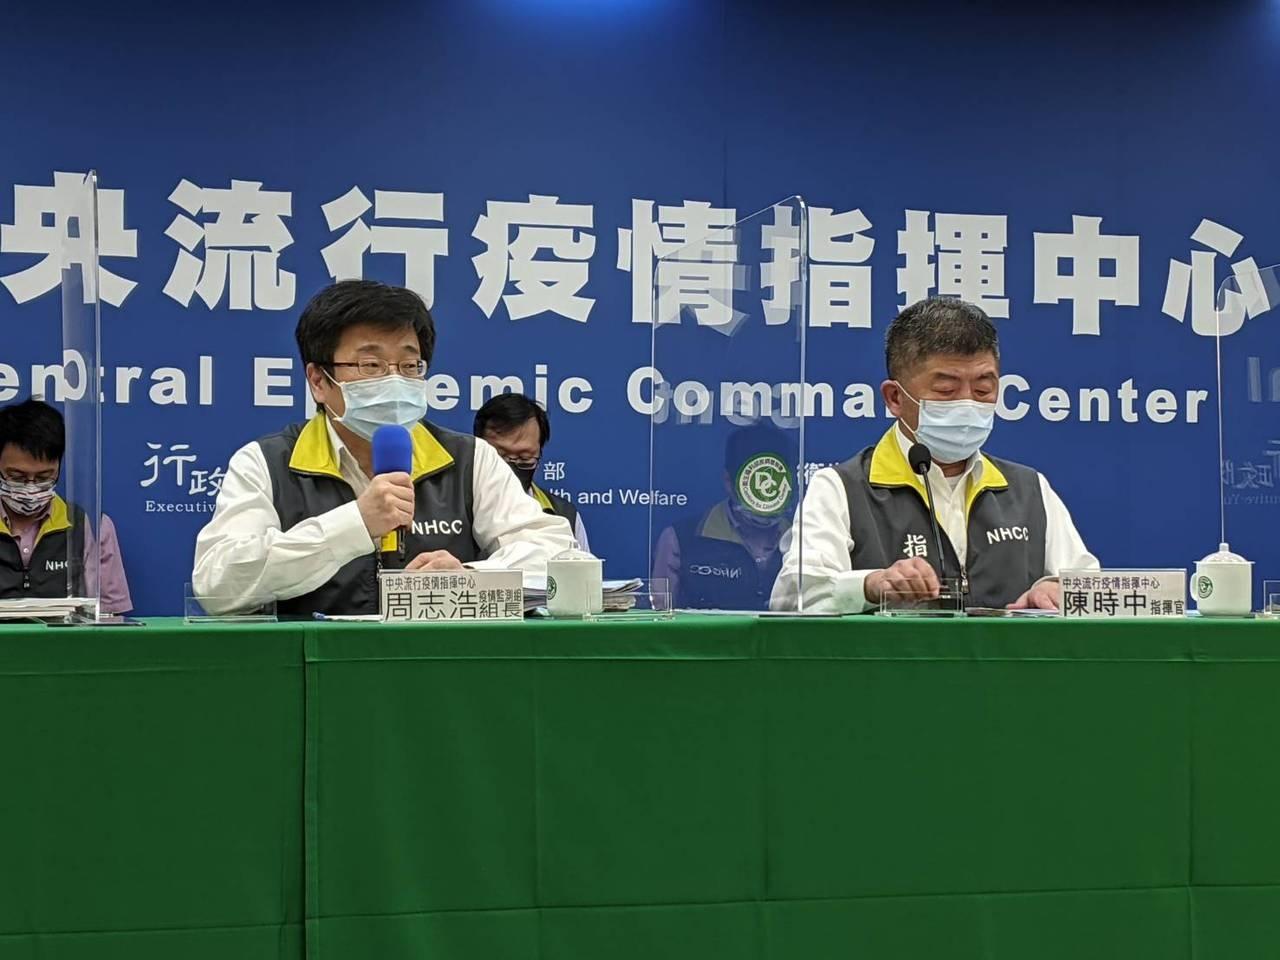 陳時中(右)表示,未來台灣是否有機會開放莫德納給18歲以下族群施打,對於疫苗適應症等改變,會跟食藥署一起辦理,廠商要提出相關研究與資料,才能作為決策依據。記者謝承恩/攝影